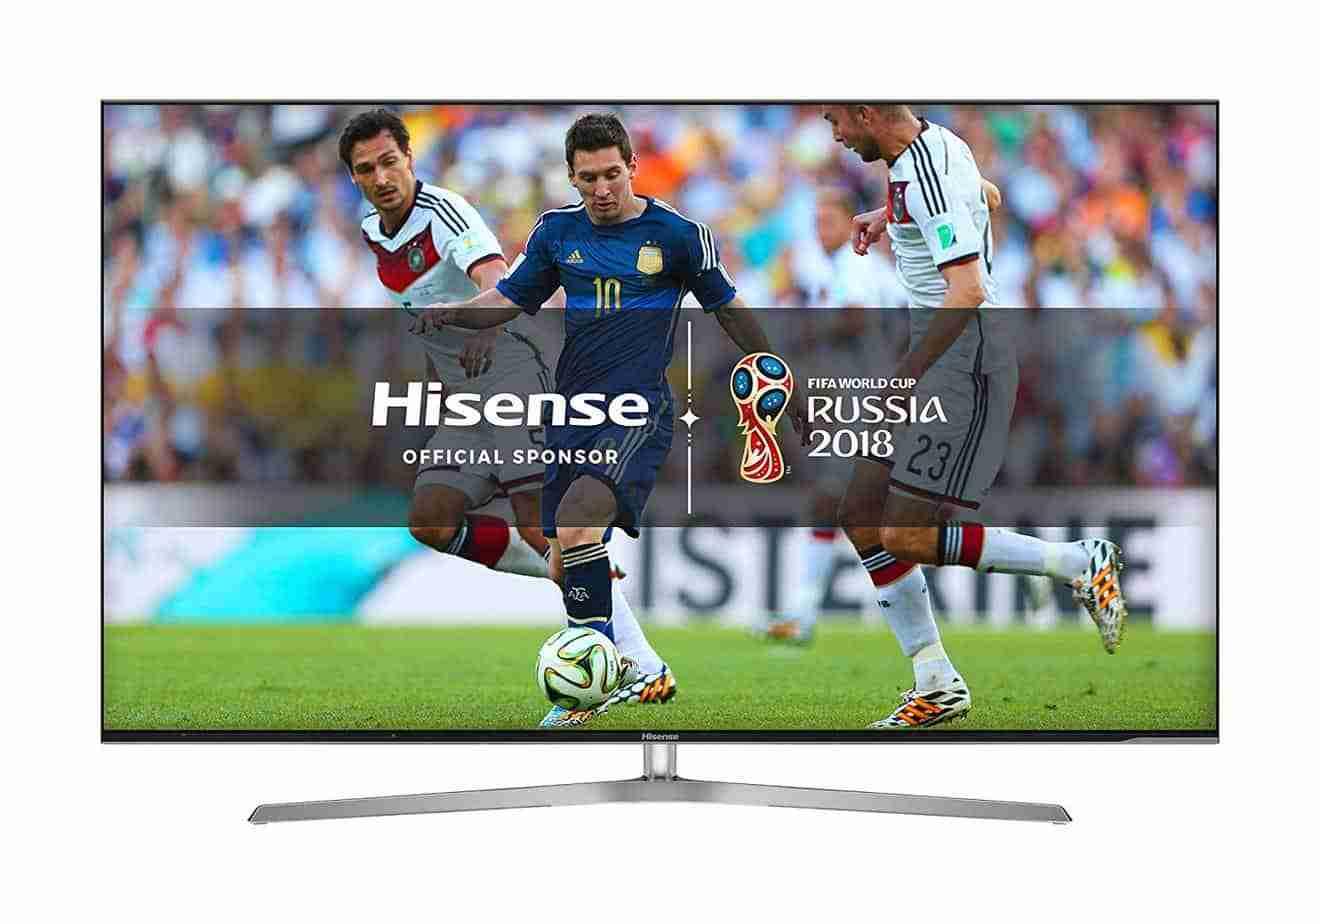 Hisense H55U7AUK 4K Ultra HD ULED Smart TV